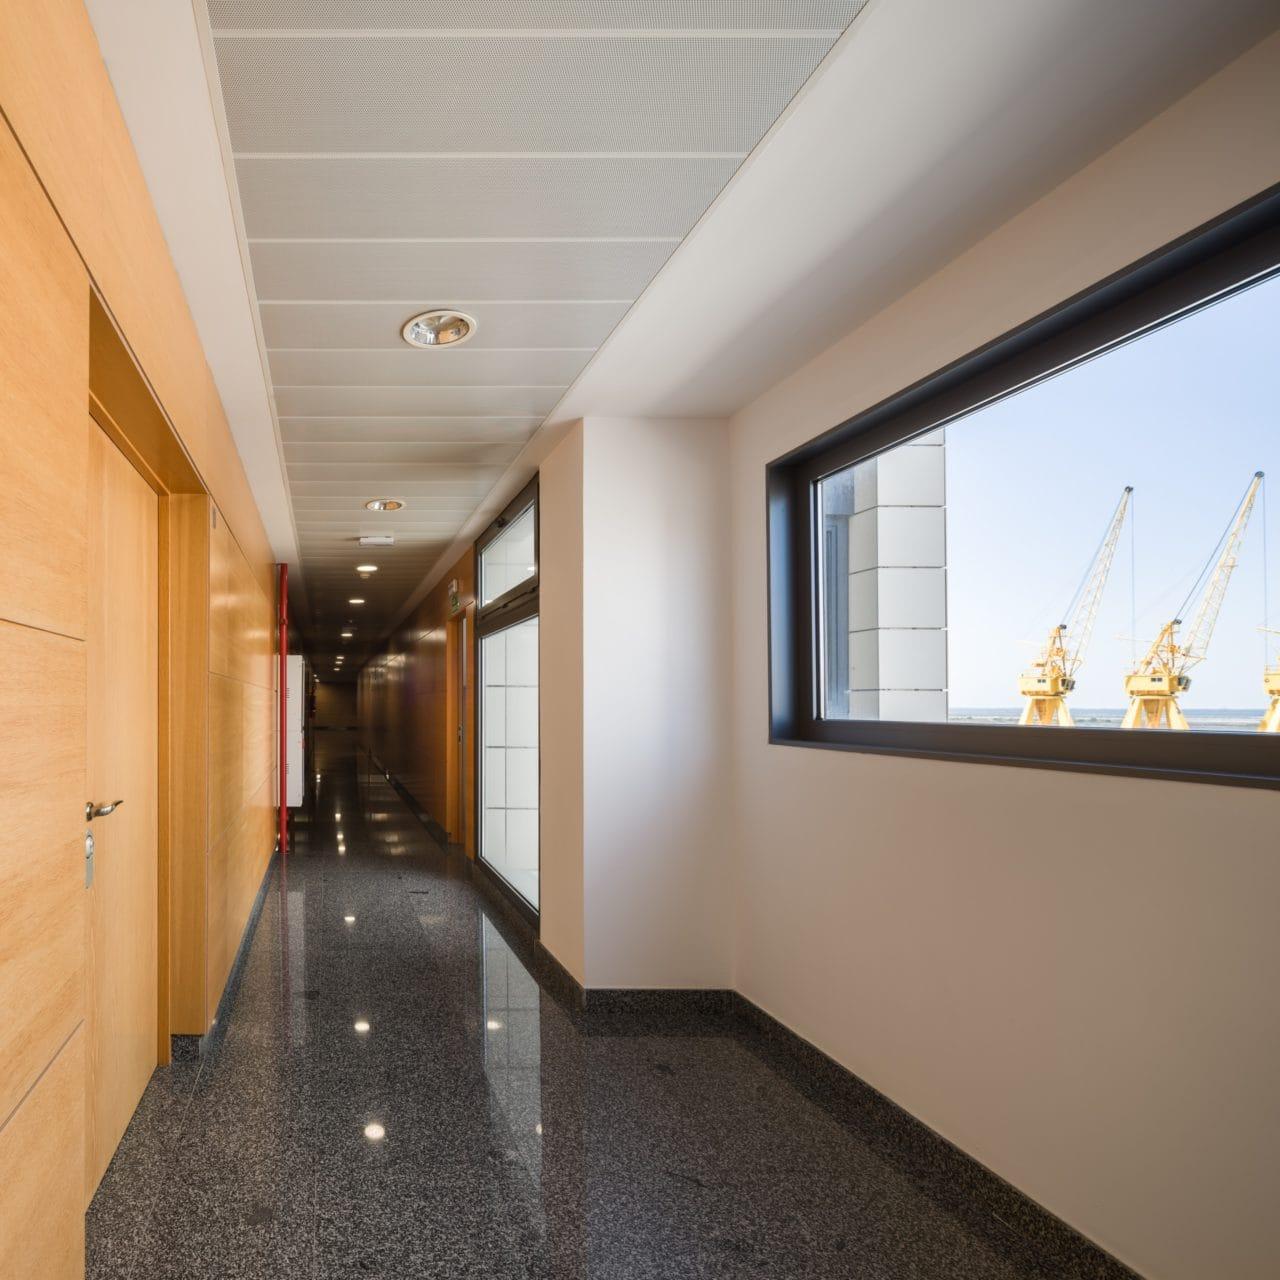 Detalle de uno de los pasillos interiores del edificio